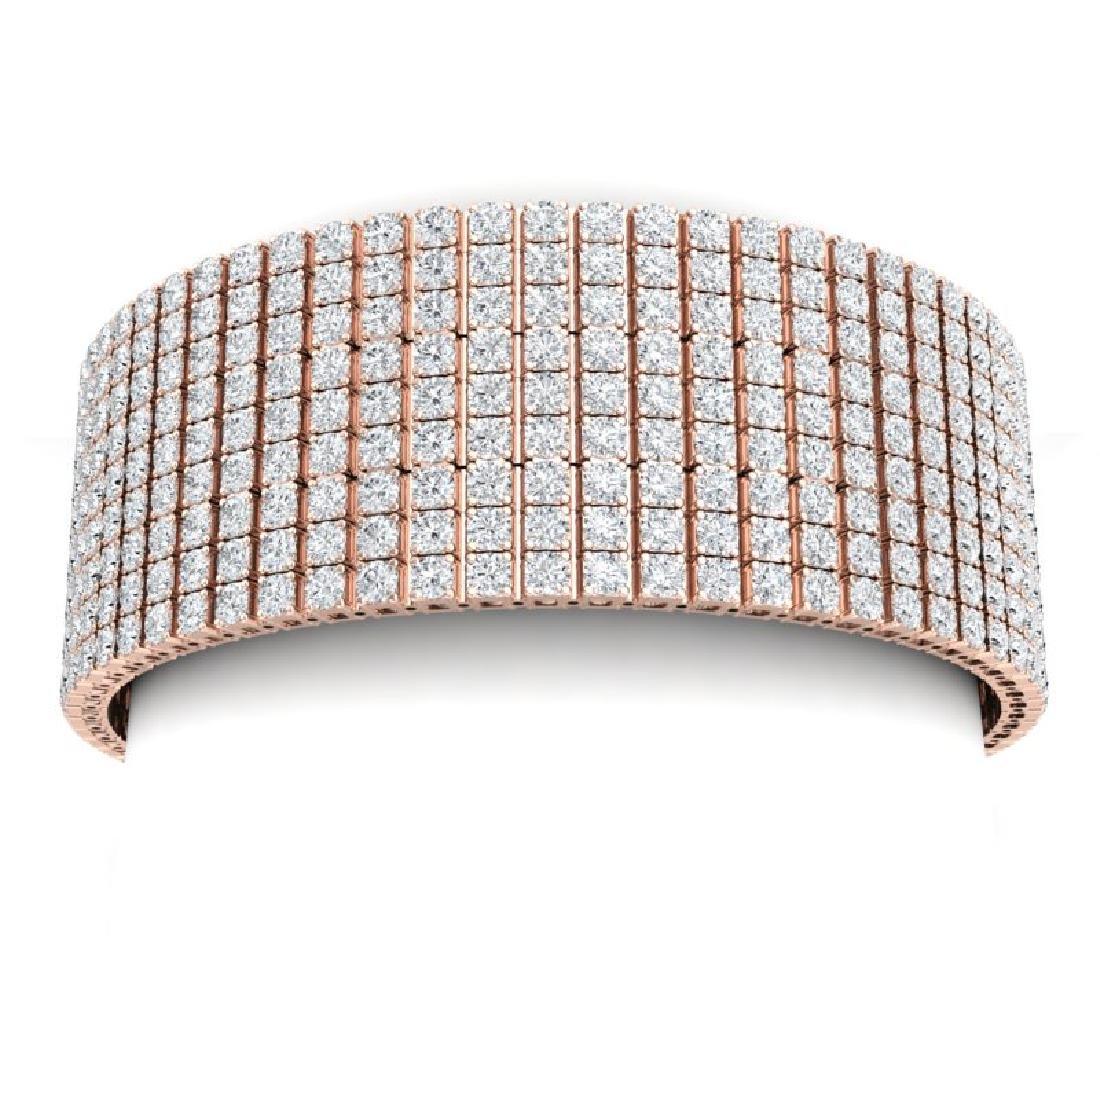 40 CTW Certified VS/SI Diamond Bracelet 18K Rose Gold - 2